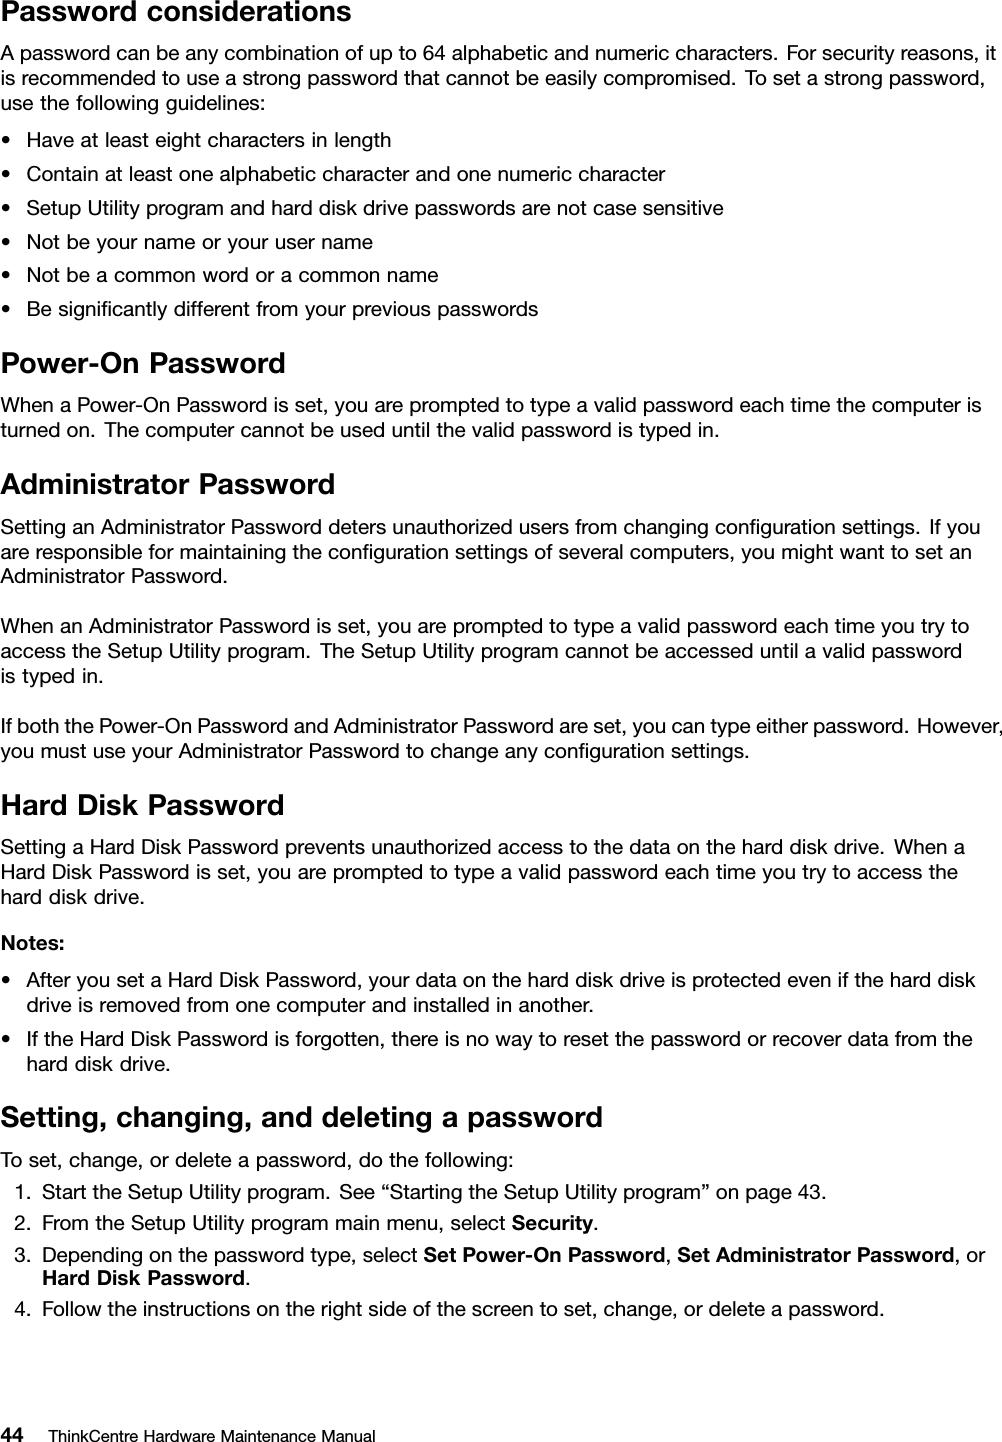 Lenovo 0B01241 User Manual Hardware Maintenance (HMM) (May